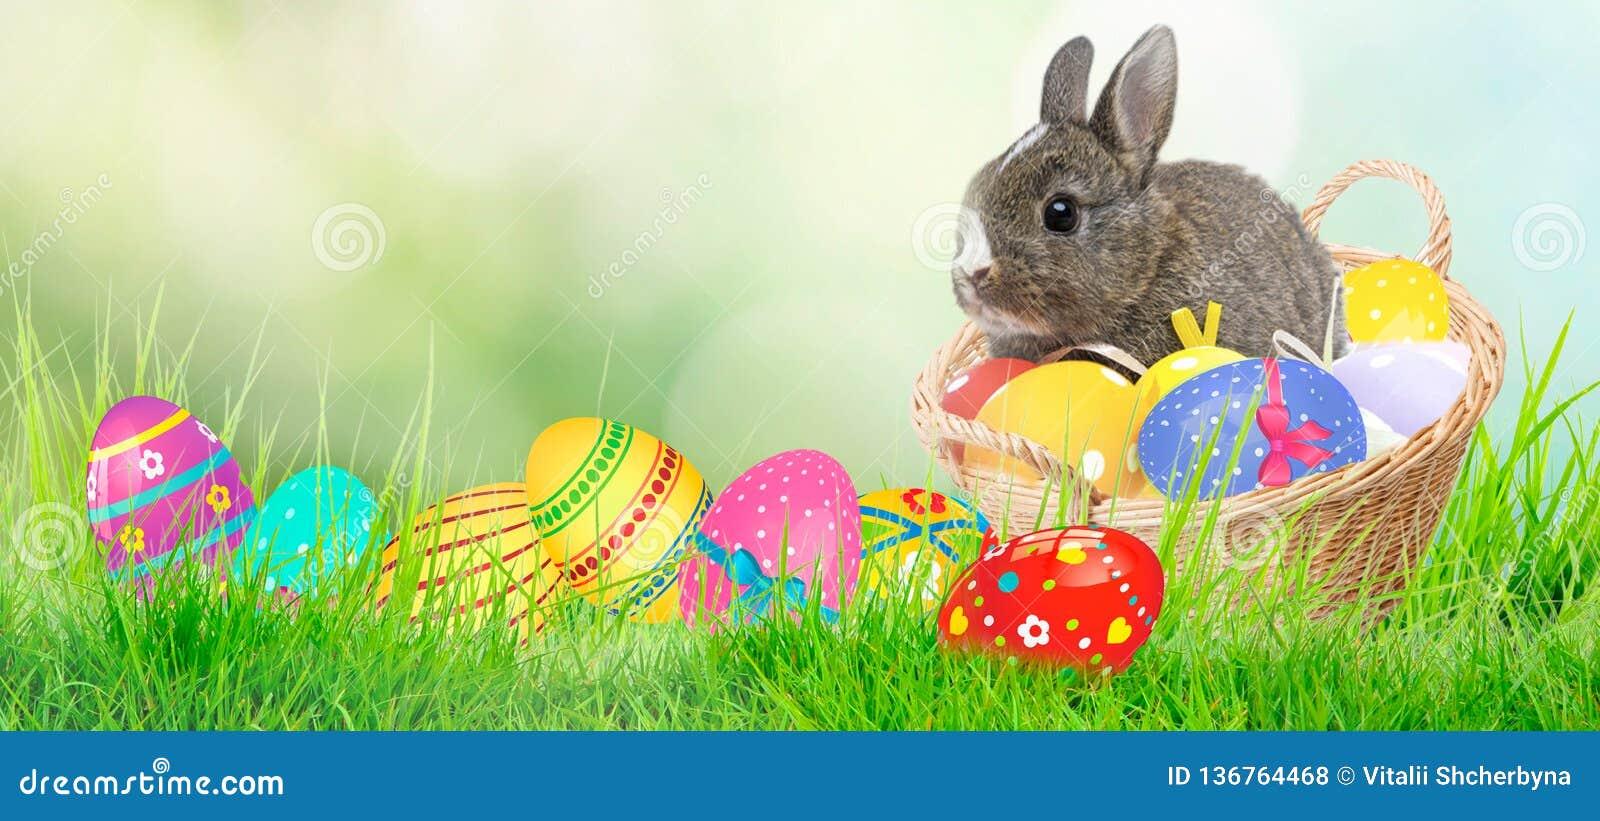 2 forsują pisklęca pojęcia Easter jajek kwiatów trawa malujących umieszczających potomstwa Zielona trawa, Easter jajka i sieć szt